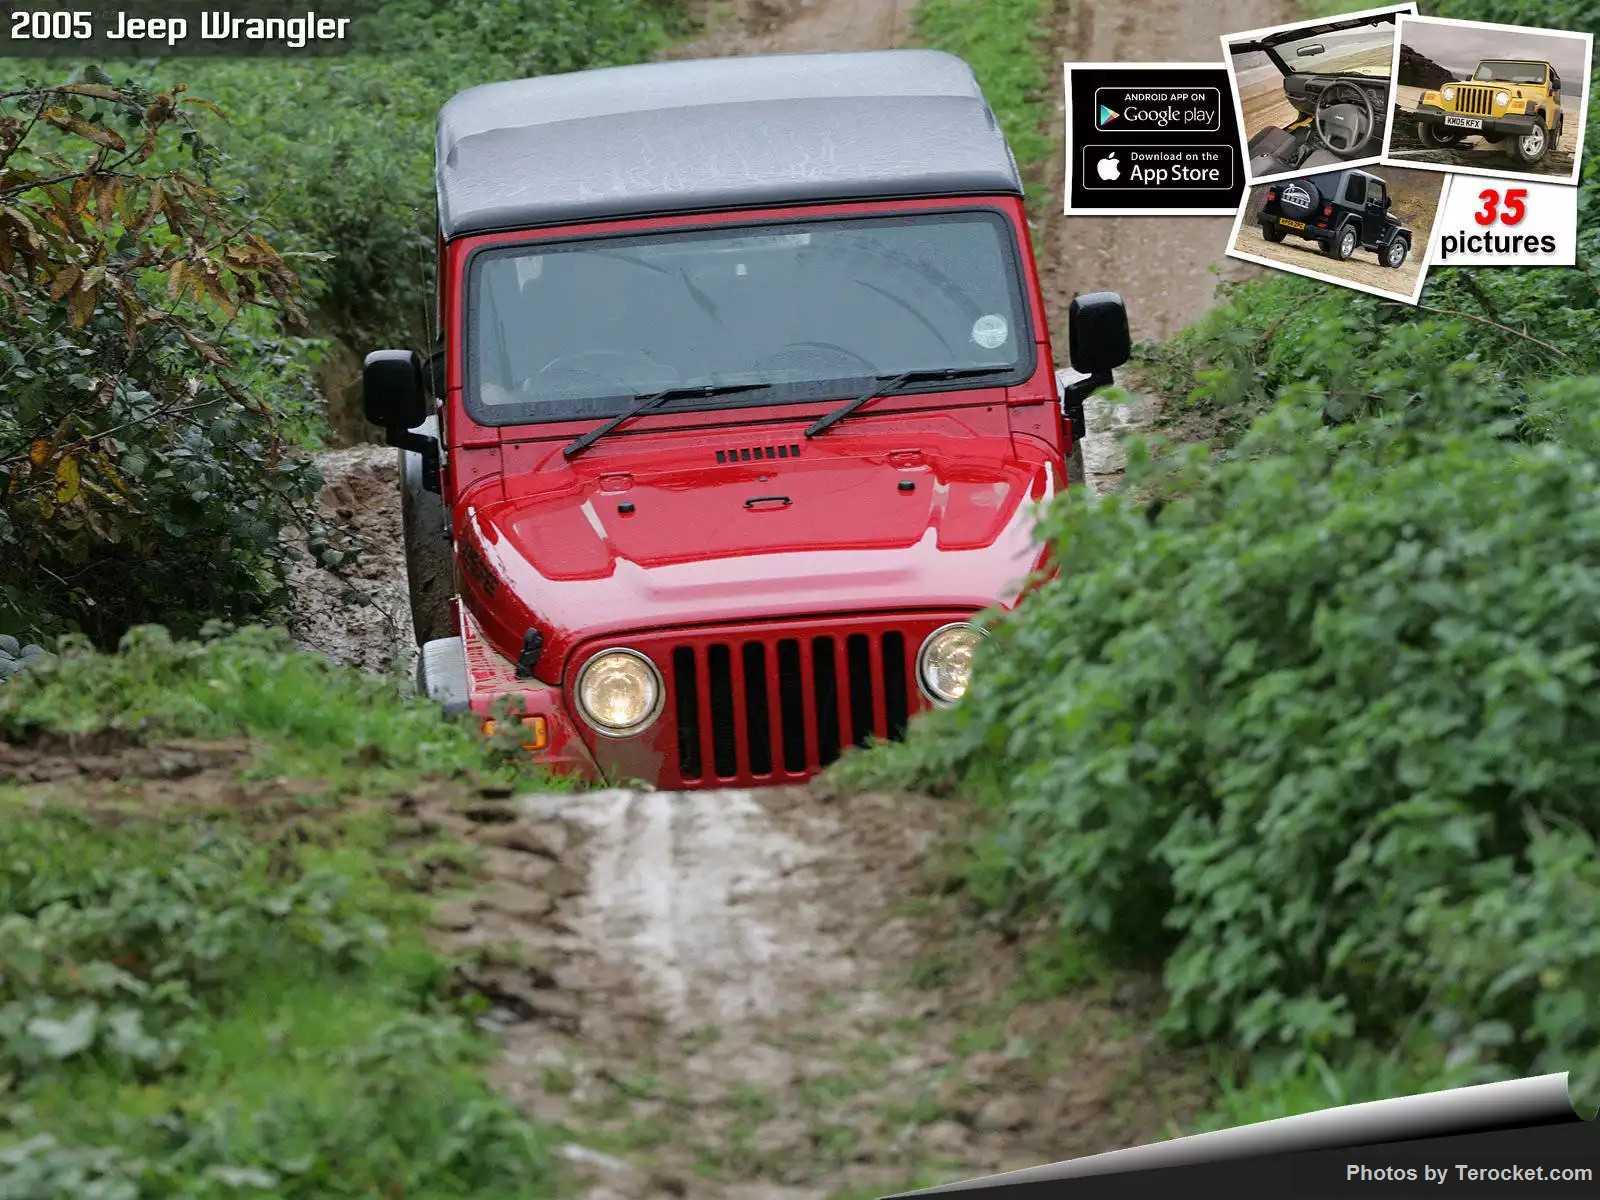 Hình ảnh xe ô tô Jeep Wrangler UK Version 2005 & nội ngoại thất